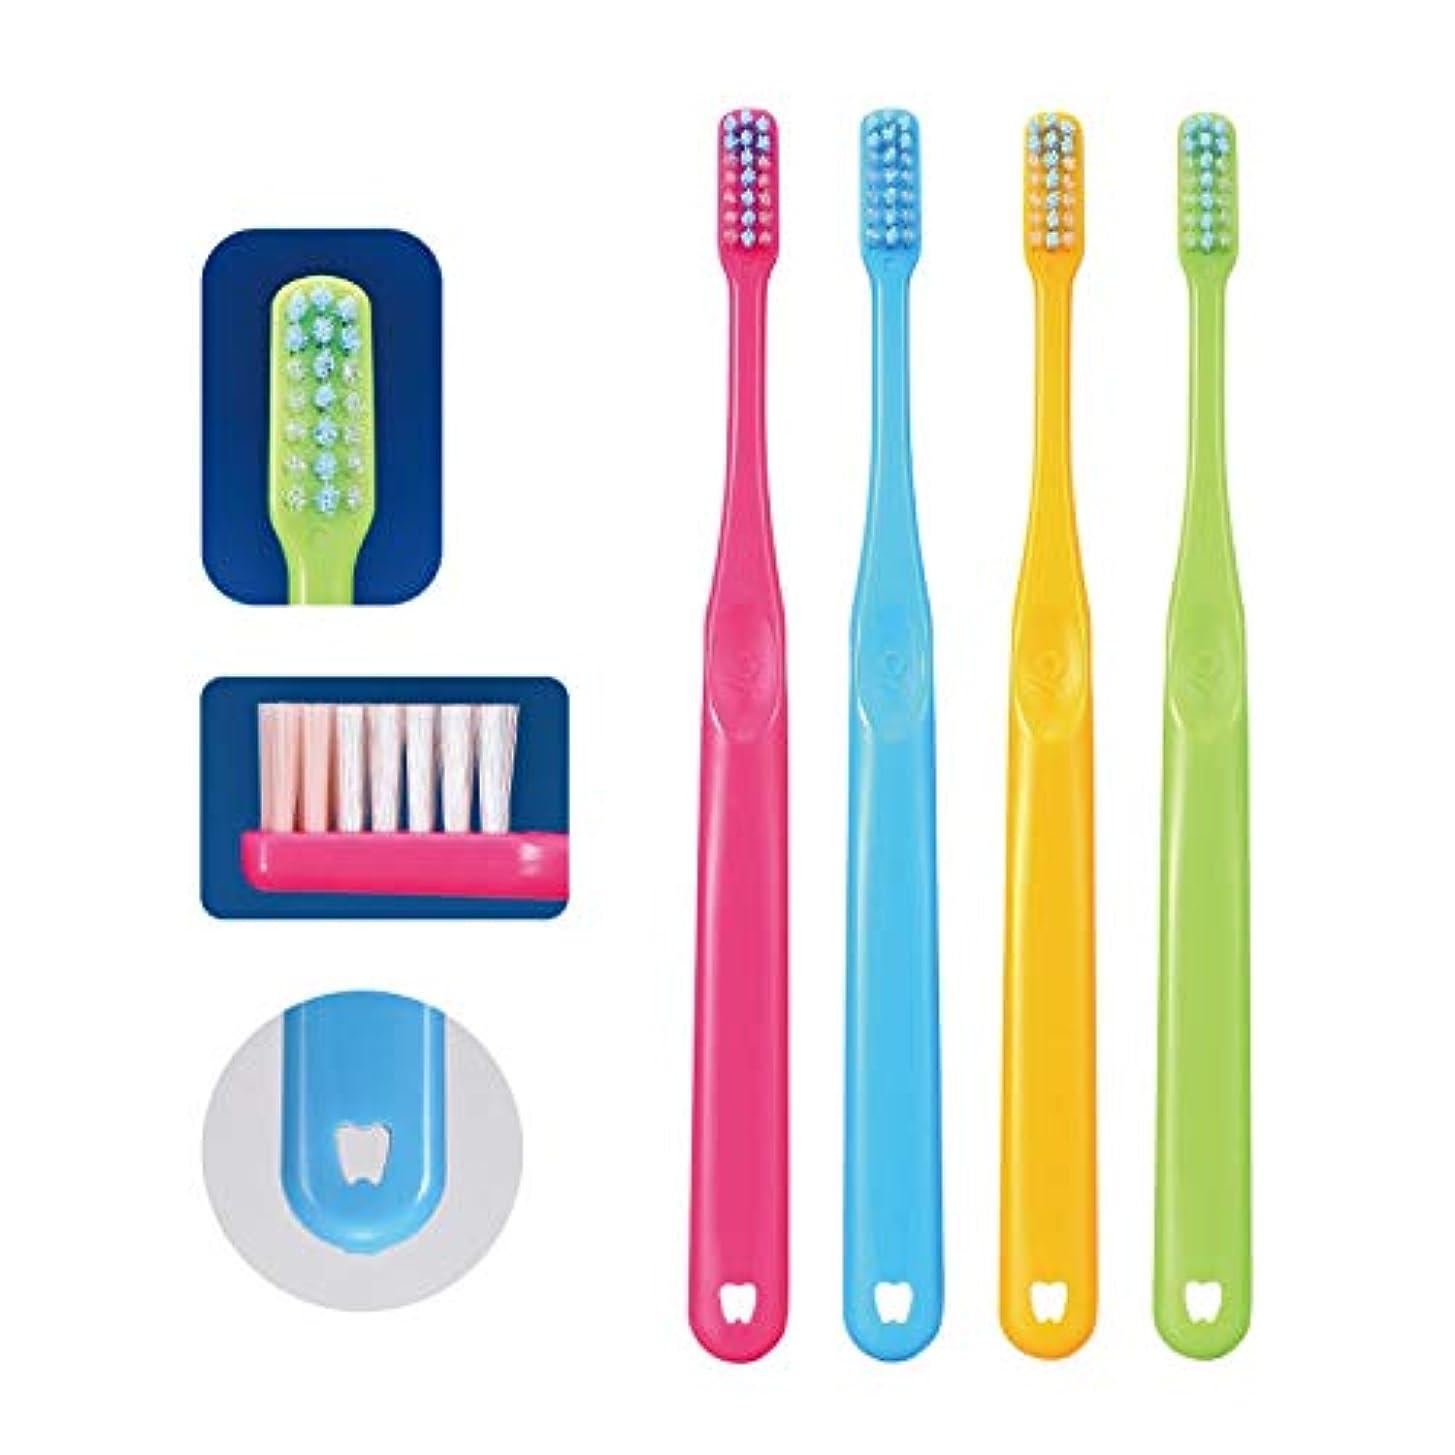 調査団結違法Ci PRO PLUS プロプラス 歯ブラシ 20本 M(ふつう) 日本製 プラーク除去 歯科専売品